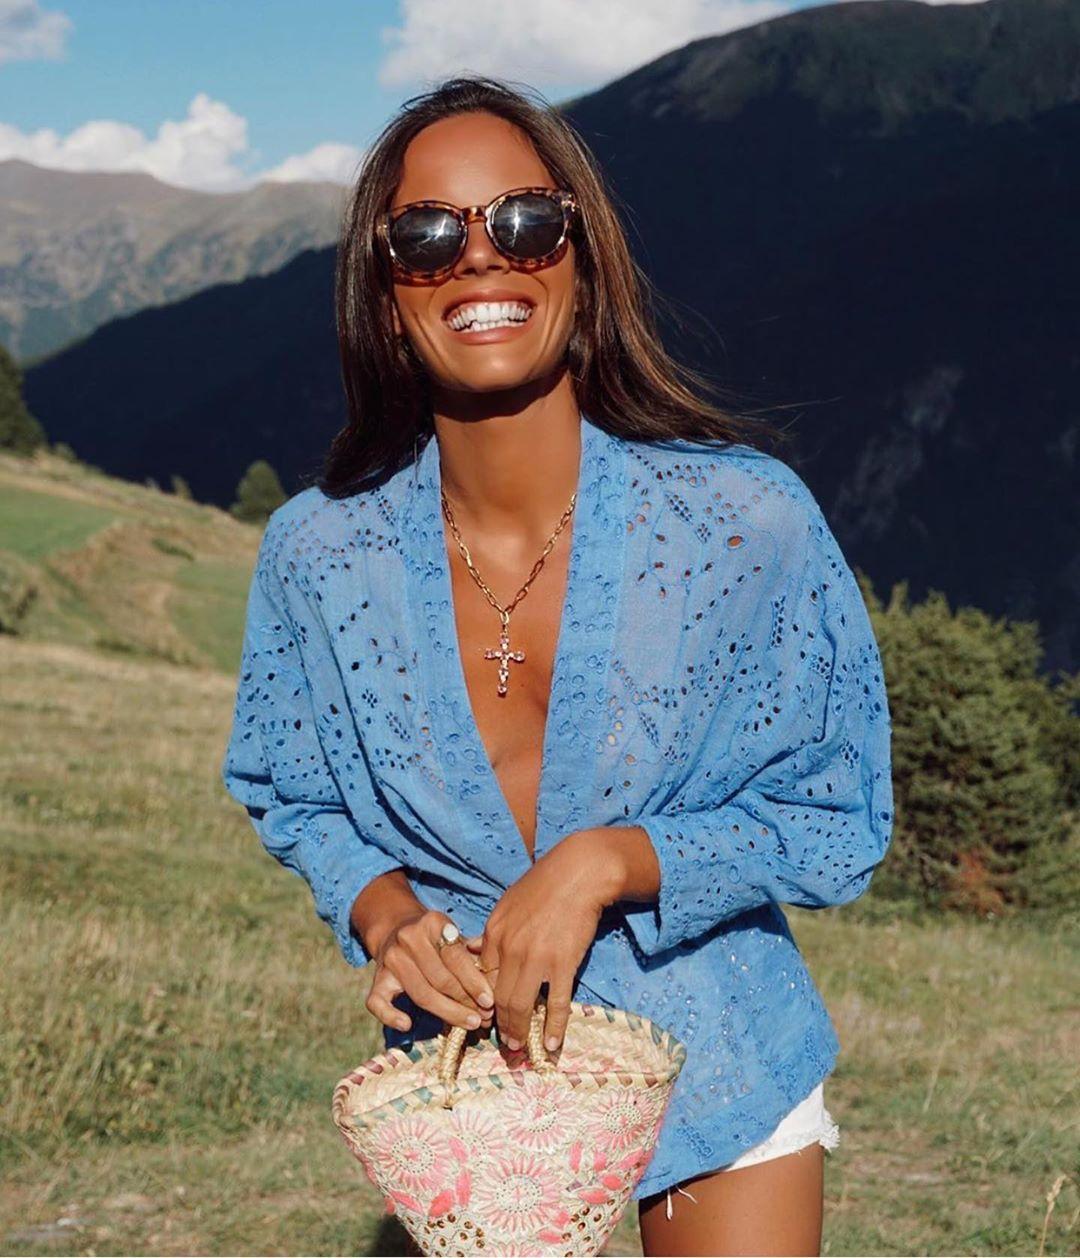 blouse avec broderies perforées de Zara sur zara.outfits